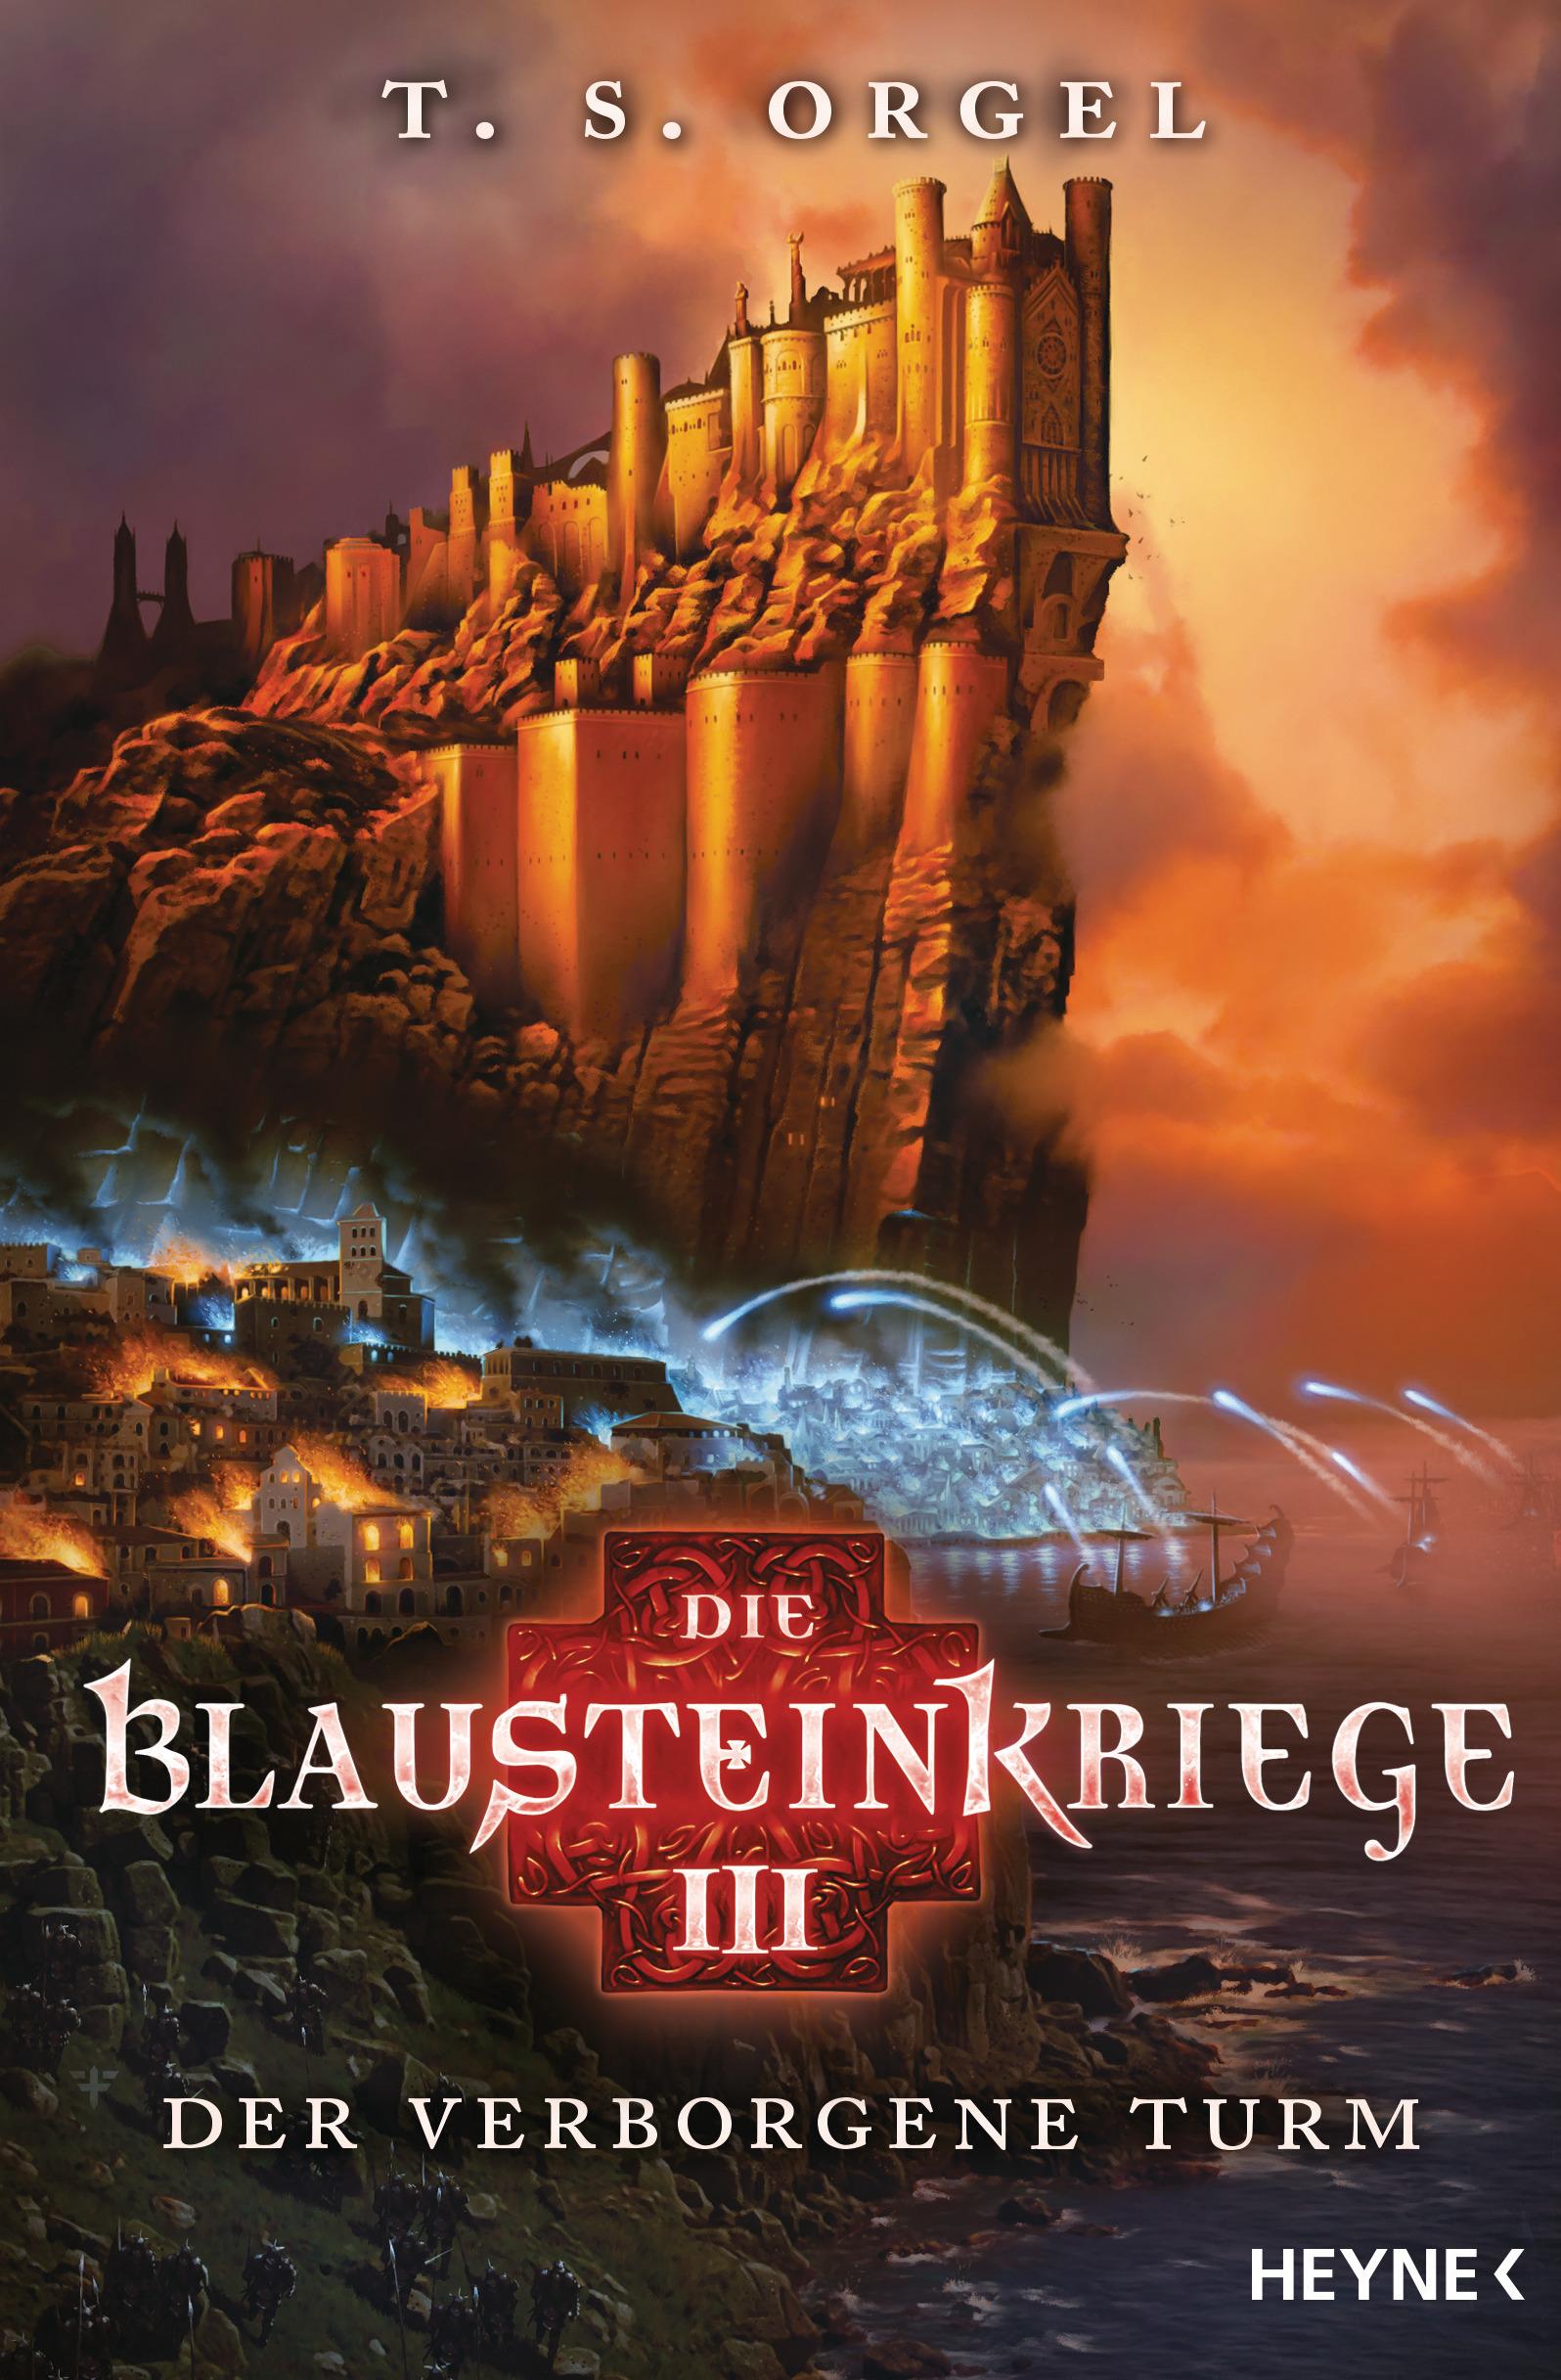 Die Blausteinkriege 3 - Der verborgene Turm von T.S. Orgel